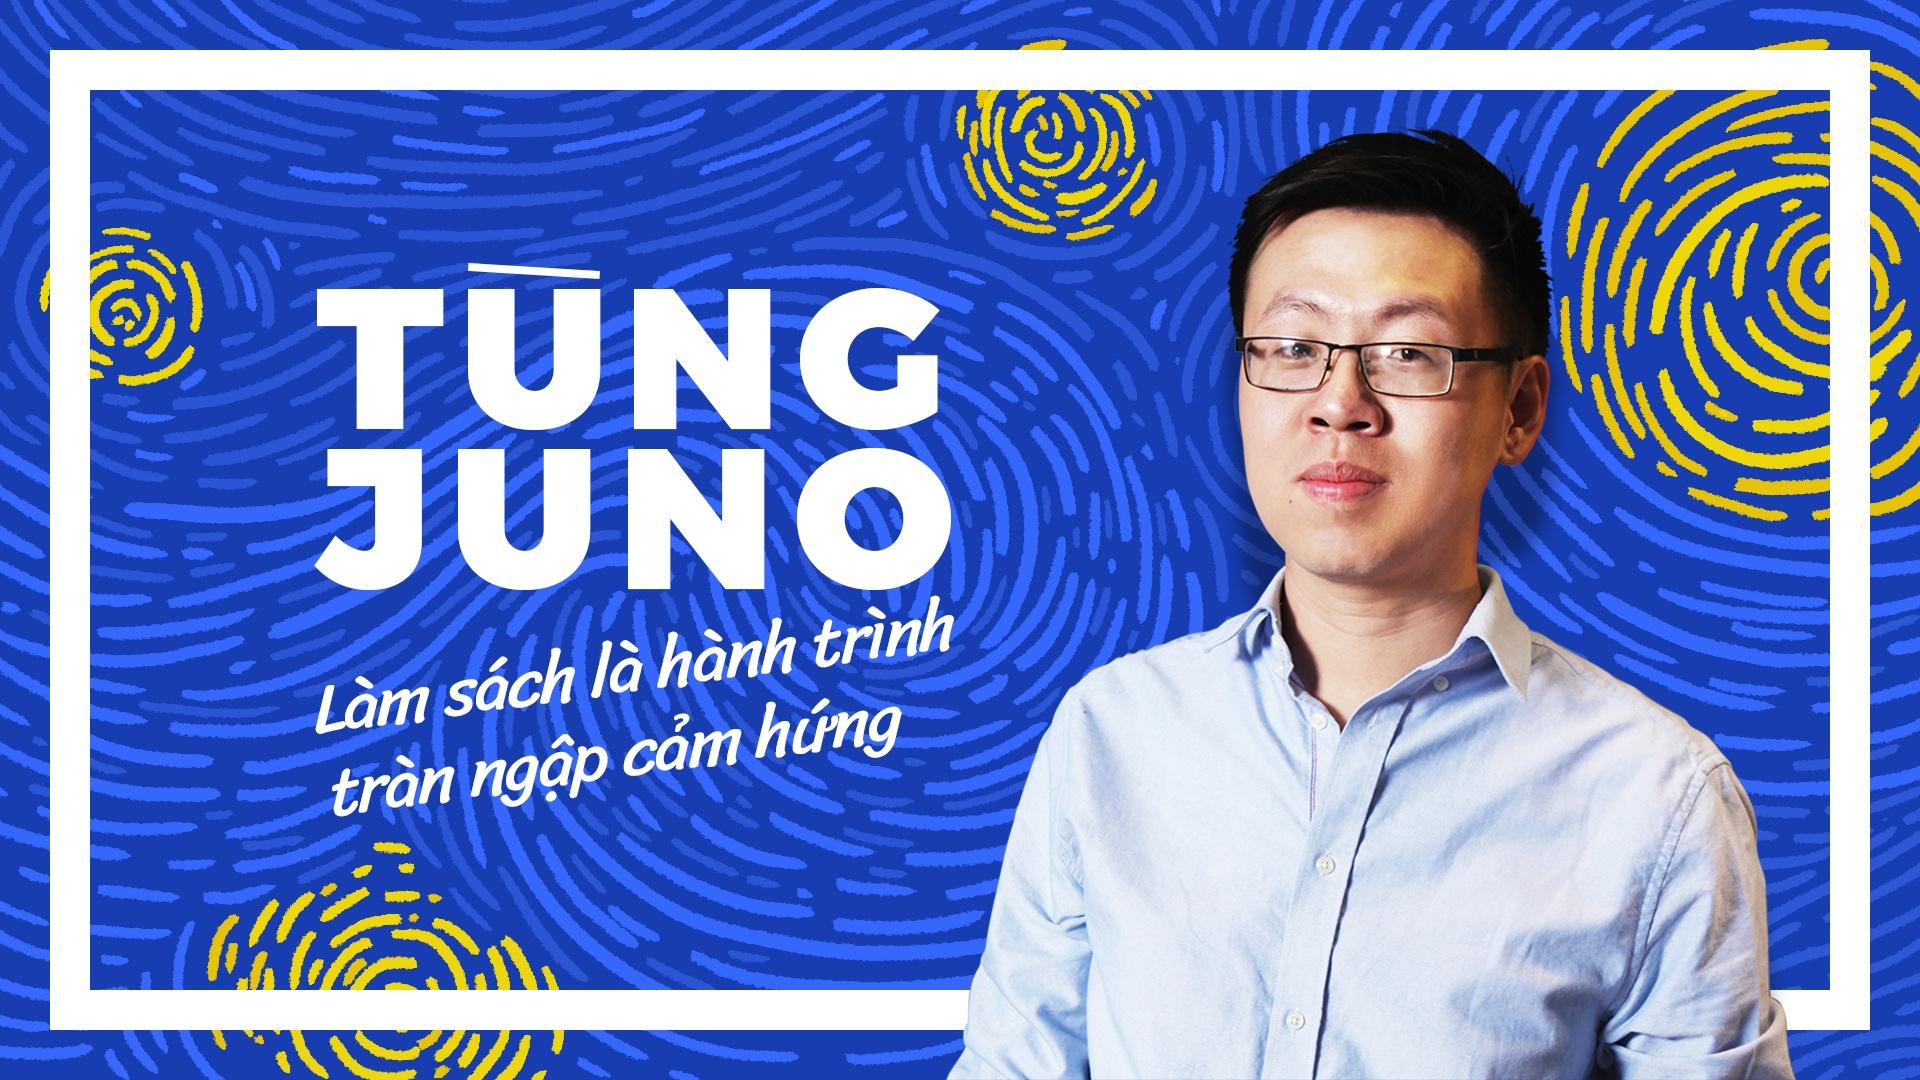 Tung Juno: 'Lam sach la hanh trinh tran ngap cam hung' hinh anh 2